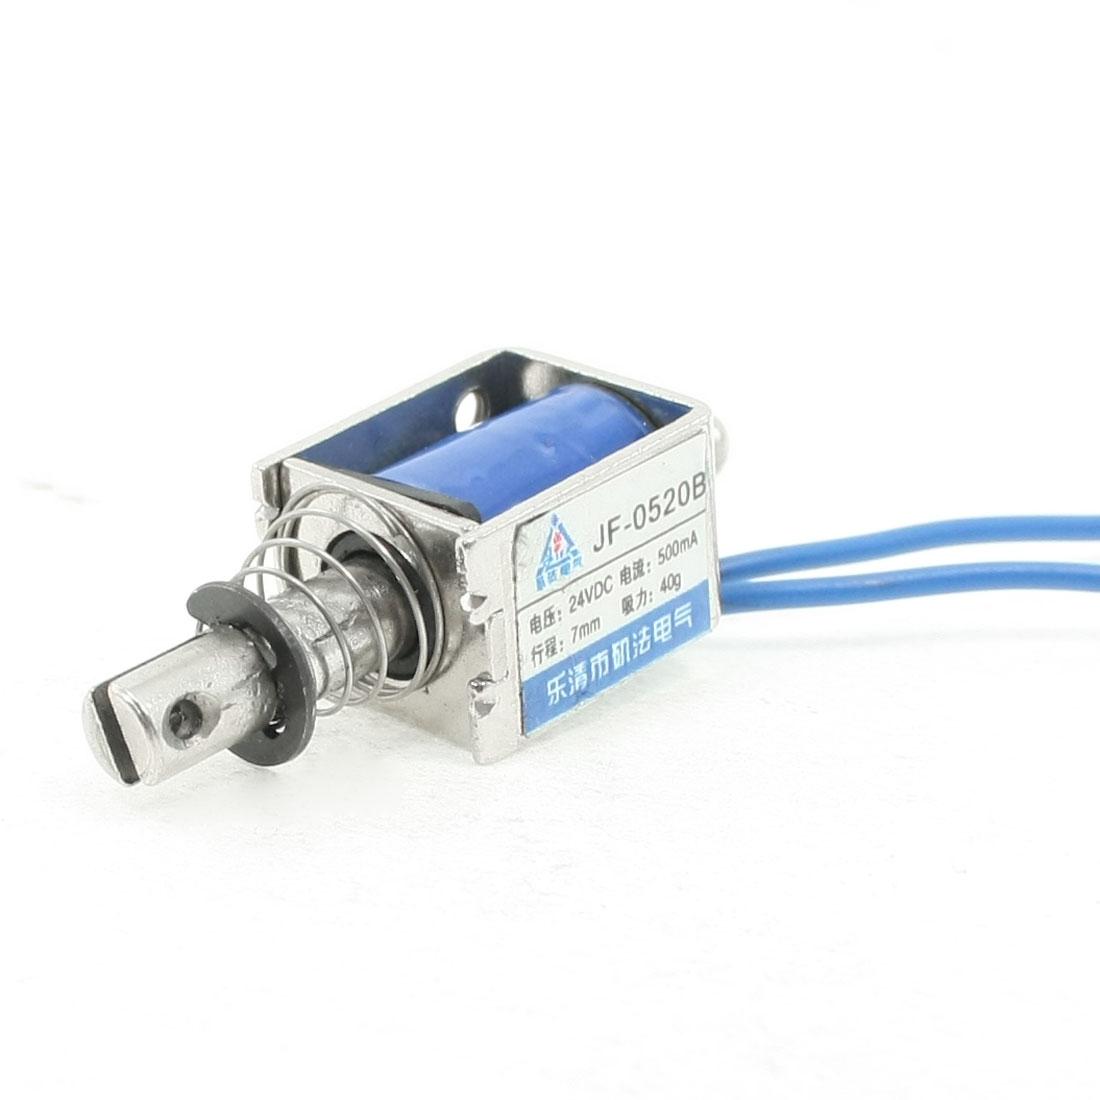 DC 24V 500mA Push Pull Type Open Frame Solenoid Electromagnet 7mm 0.4N 40g